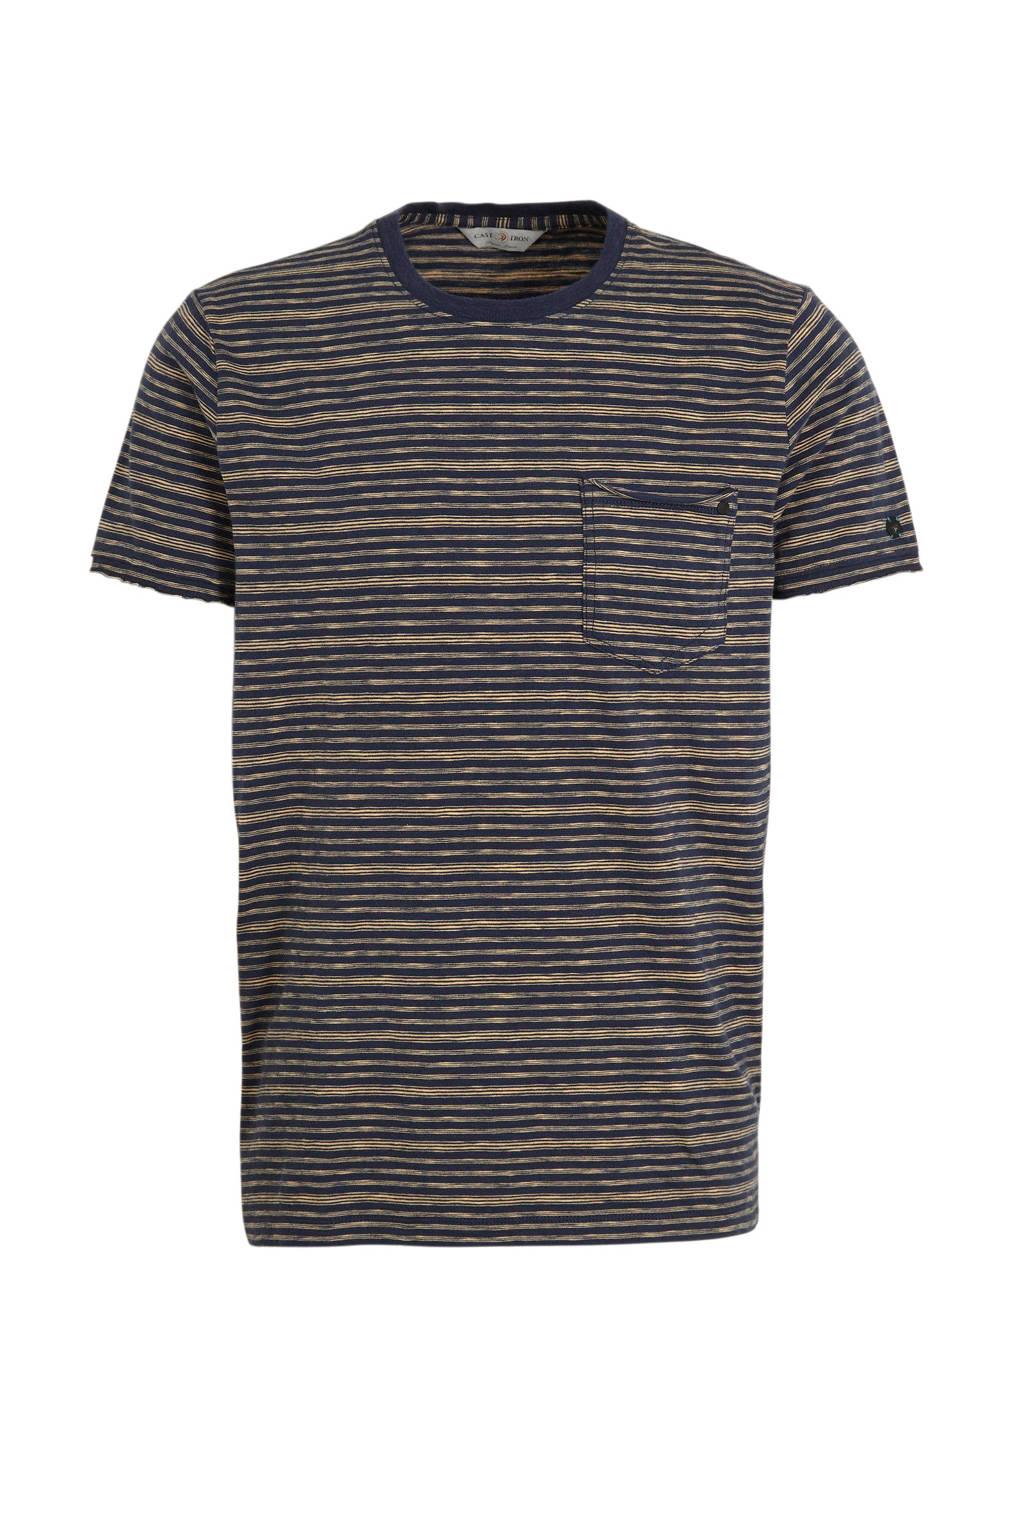 Cast Iron gestreept T-shirt meerkleurig, Meerkleurig